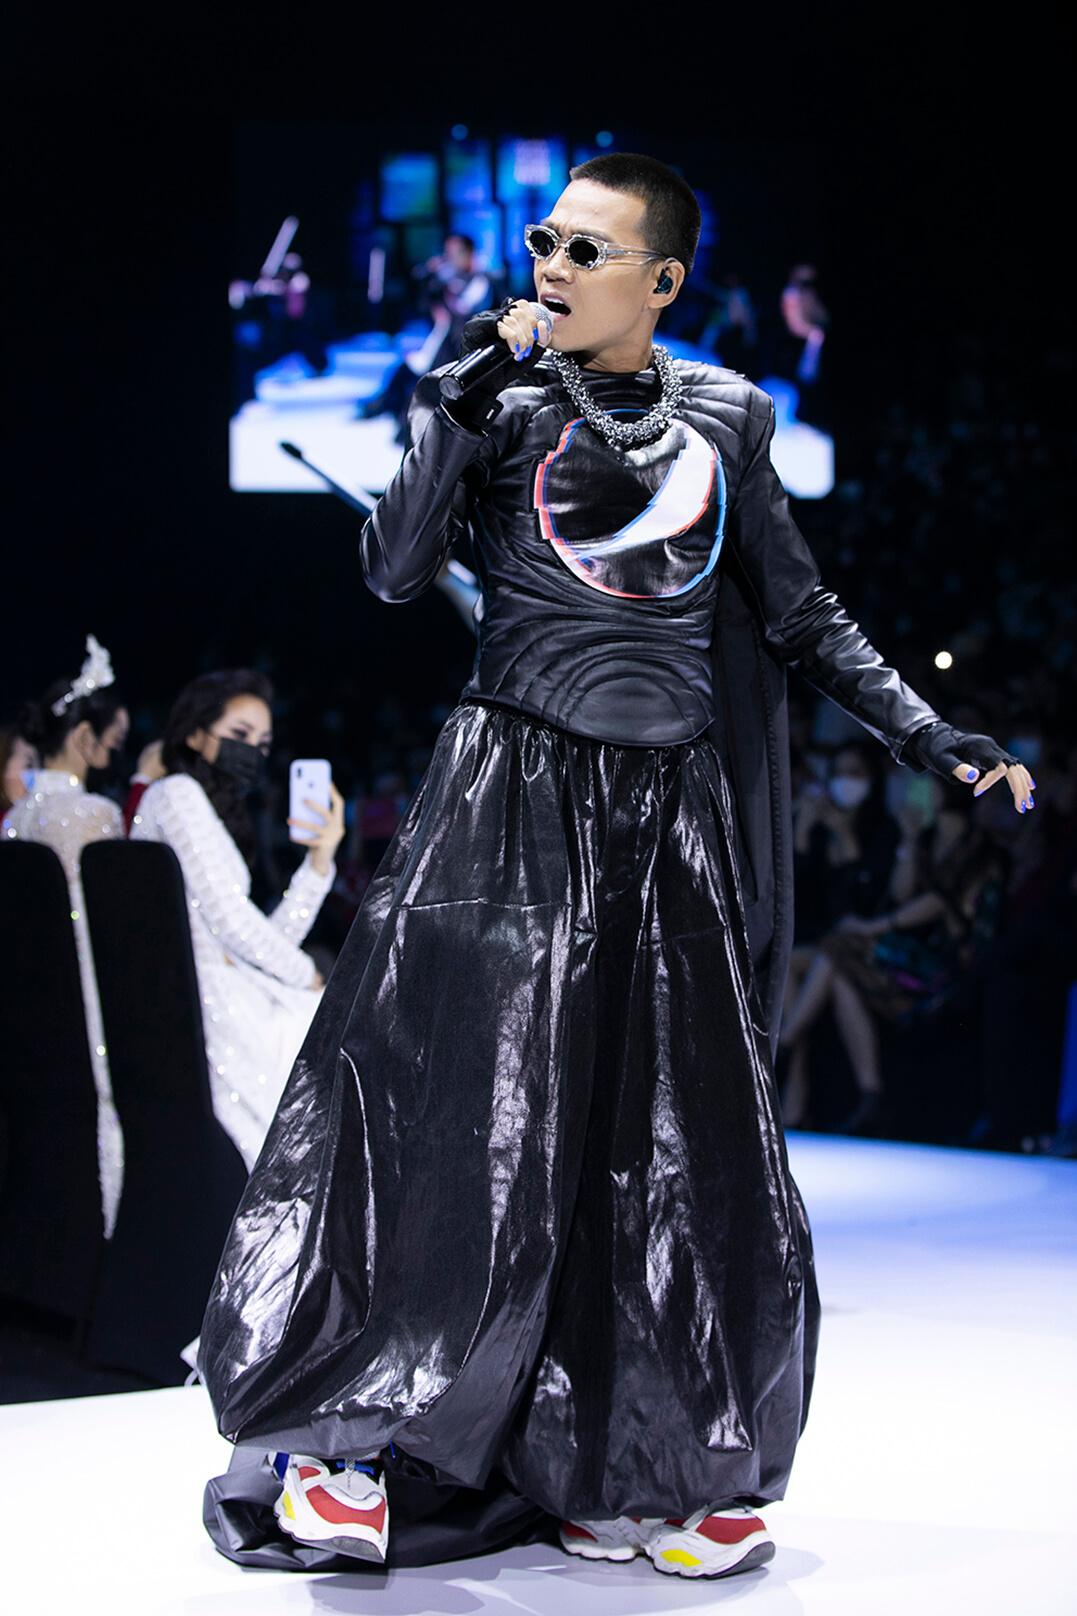 """Wowy hóa thành Mario dắt tay công chúa """"quẩy banh nóc"""" sân khấu thời trang Việt - 1"""